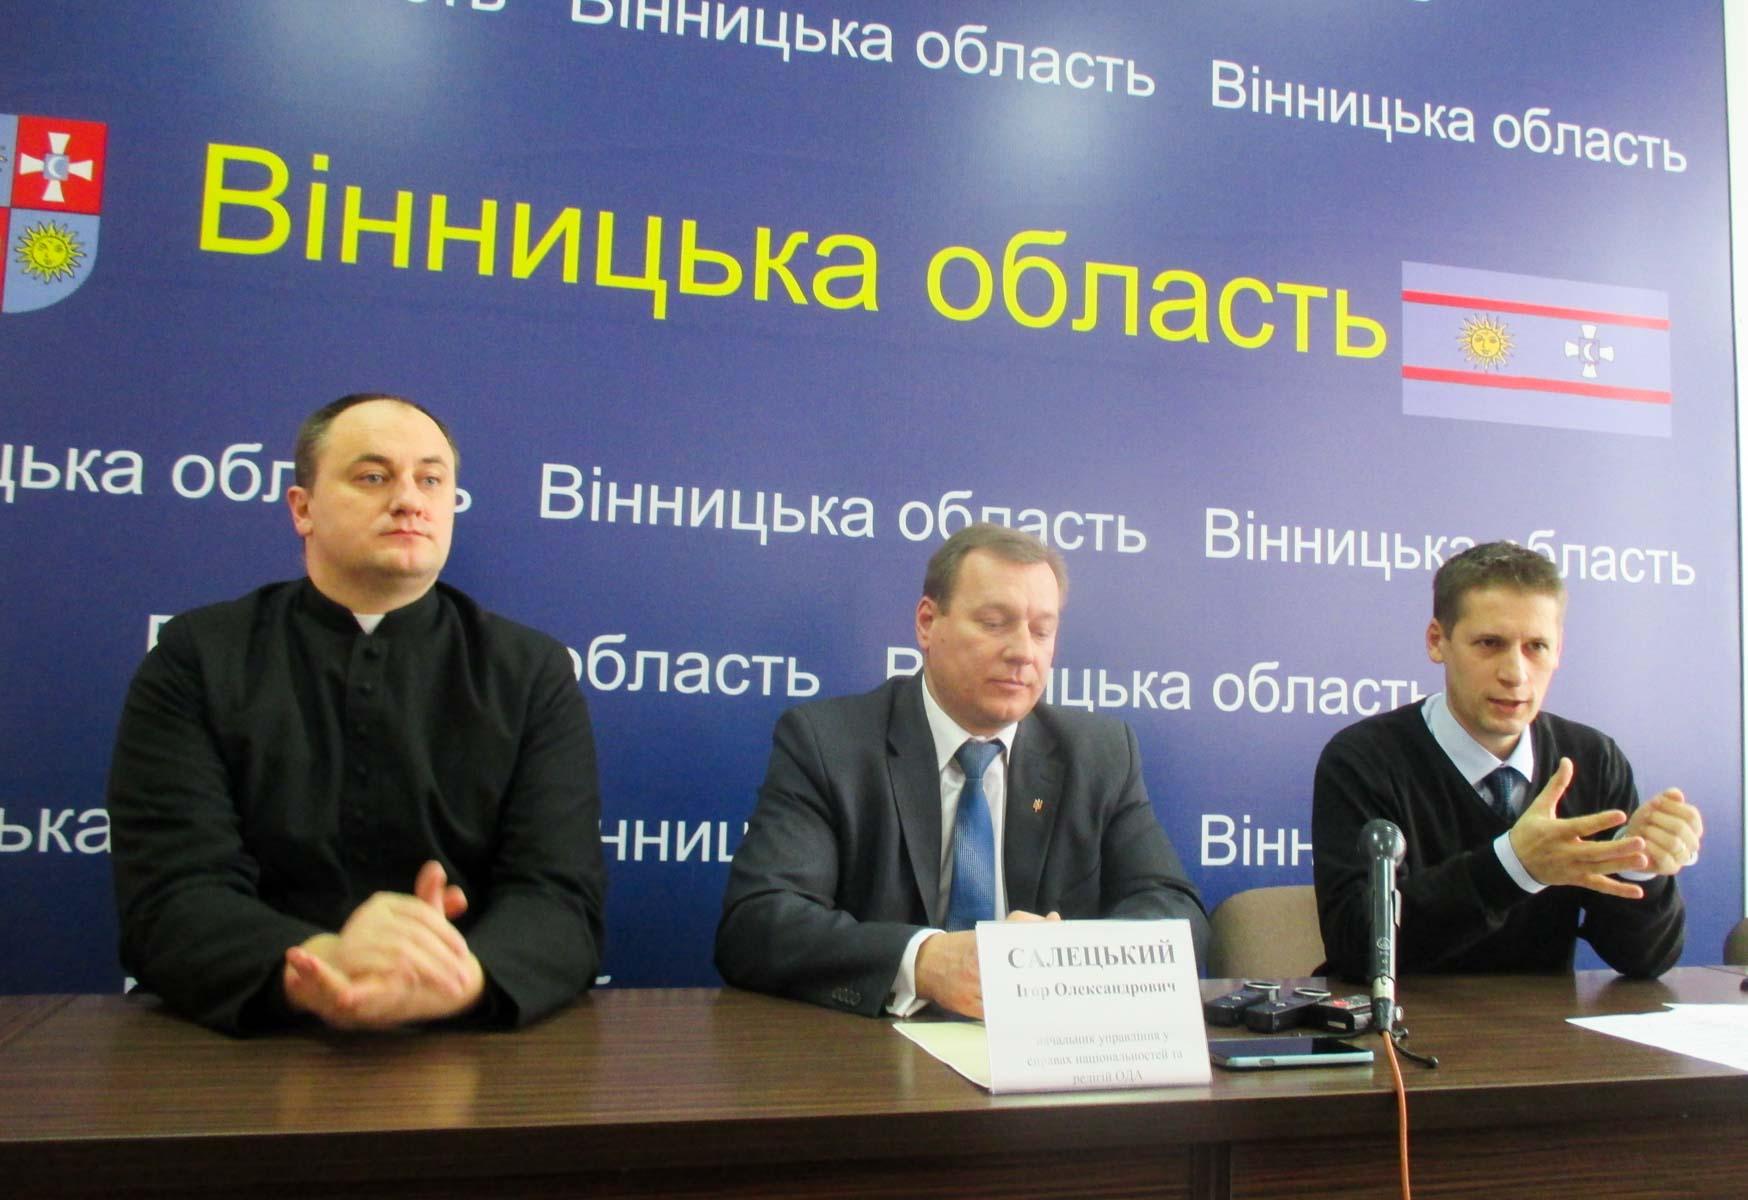 Ks. Mykoła Myszowski, kier. departamentu ds mniejszości i religii Igor Salecki oraz prezes SP Kresowiacy Jerzy Wójcicki